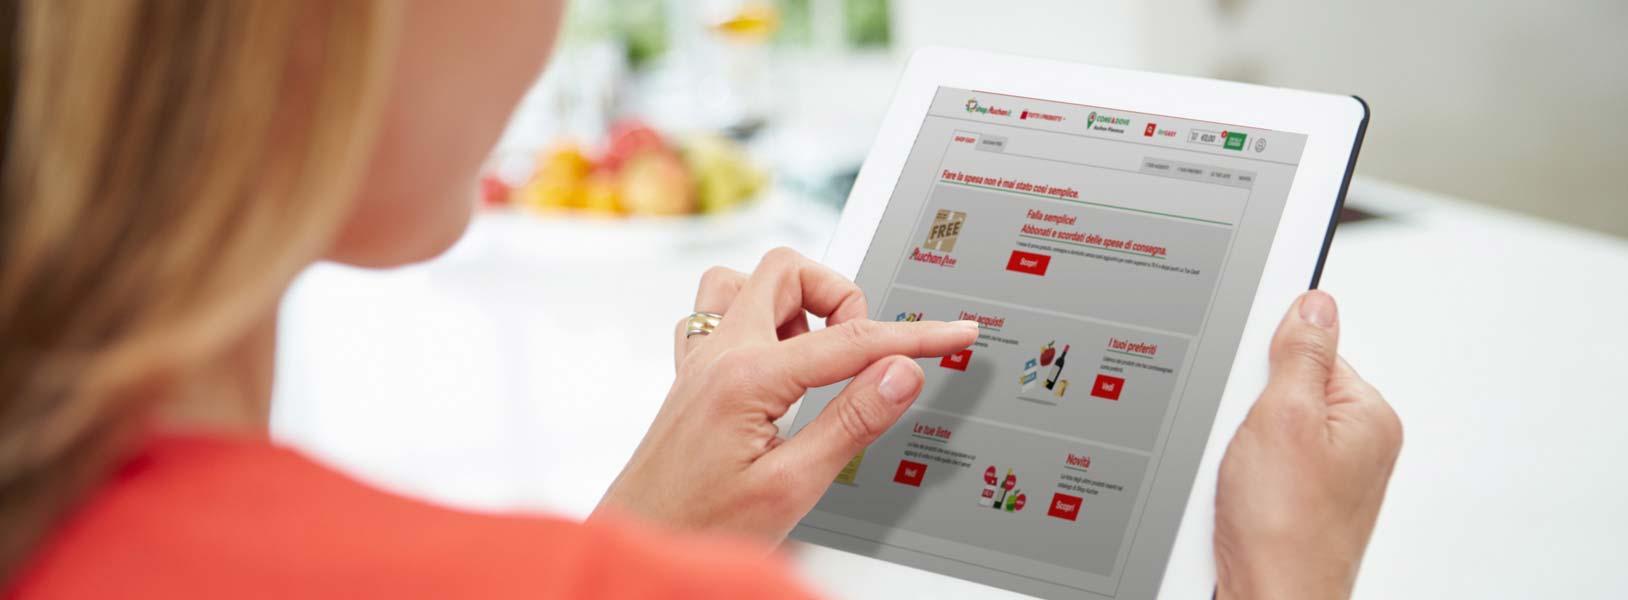 Il nuovo servizio di spesa online di Auchan